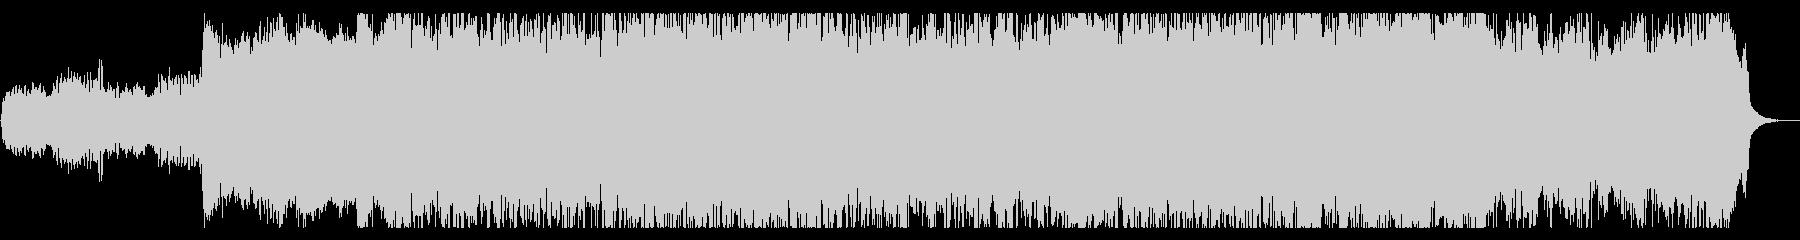 尺八をモチーフとしたメタルの未再生の波形